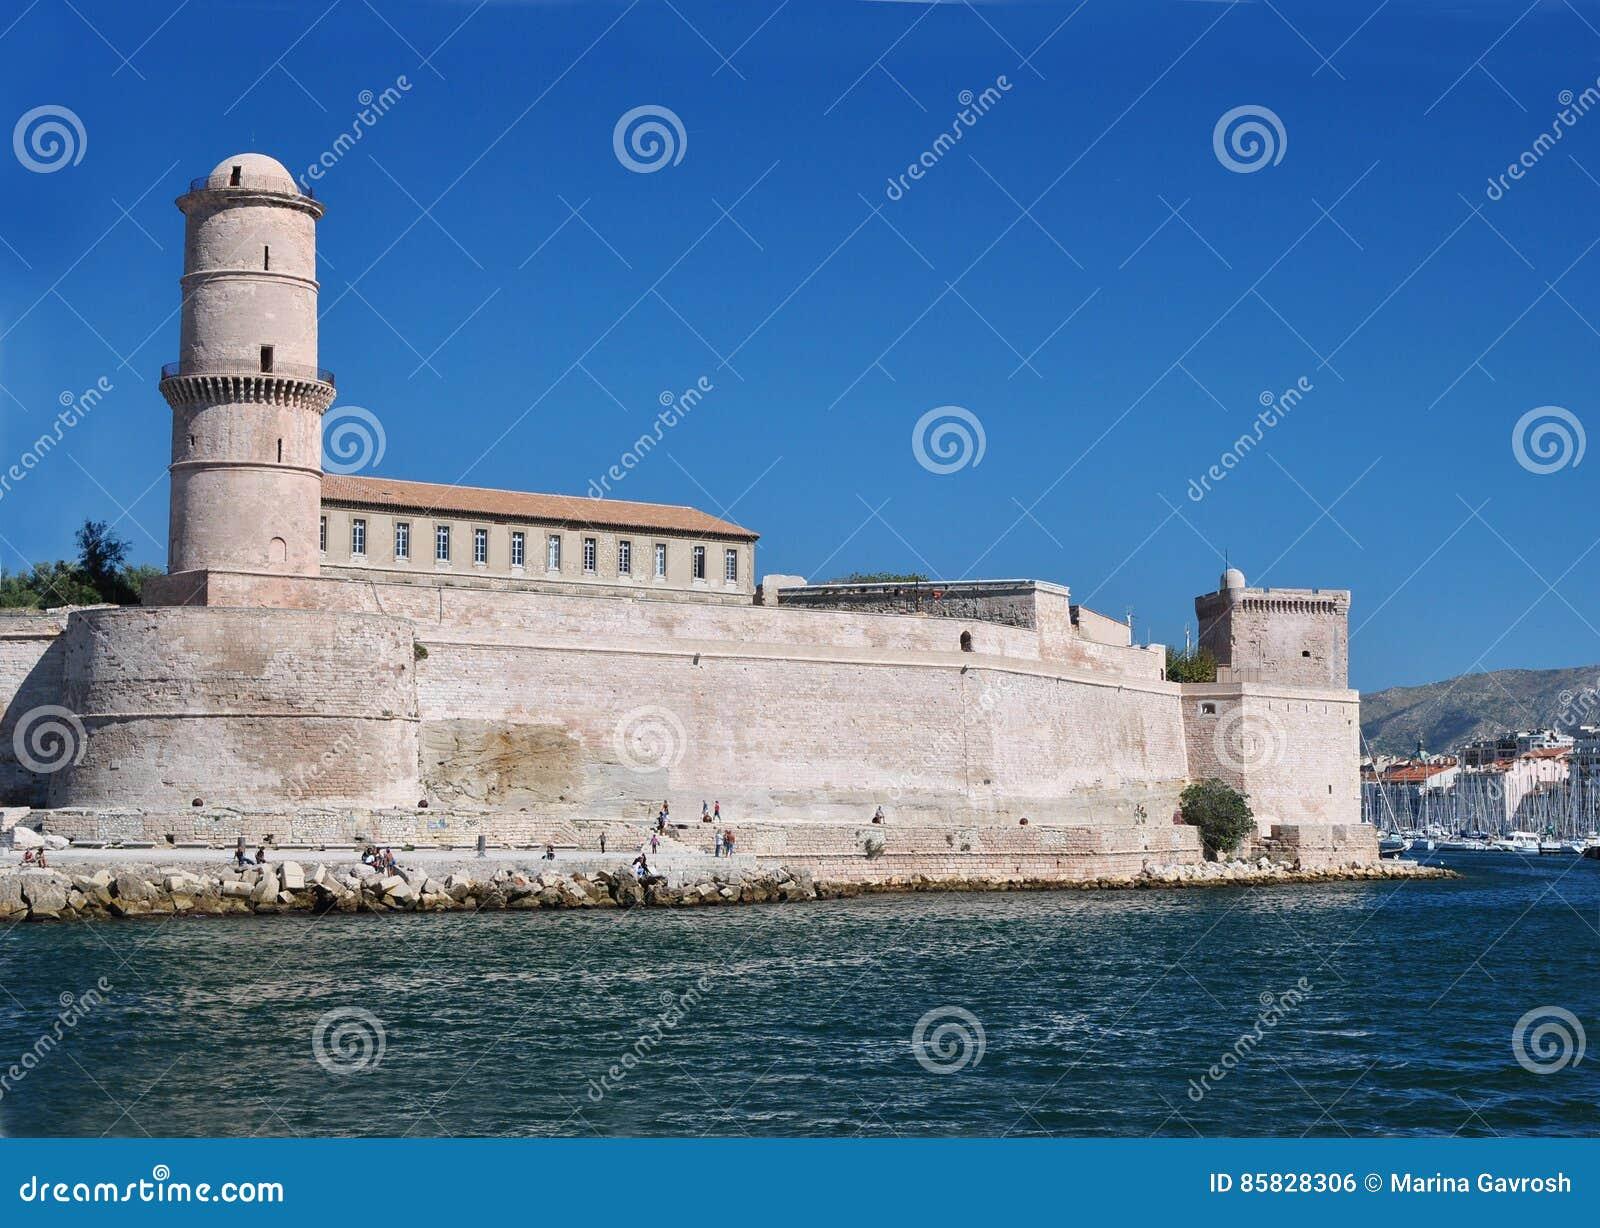 Fort Johannes im Hafen von Marseille, Frankreich: mittelalterliche Festung zu Ehren Johannes von Jerusalem, errichtet im 15. Jahr